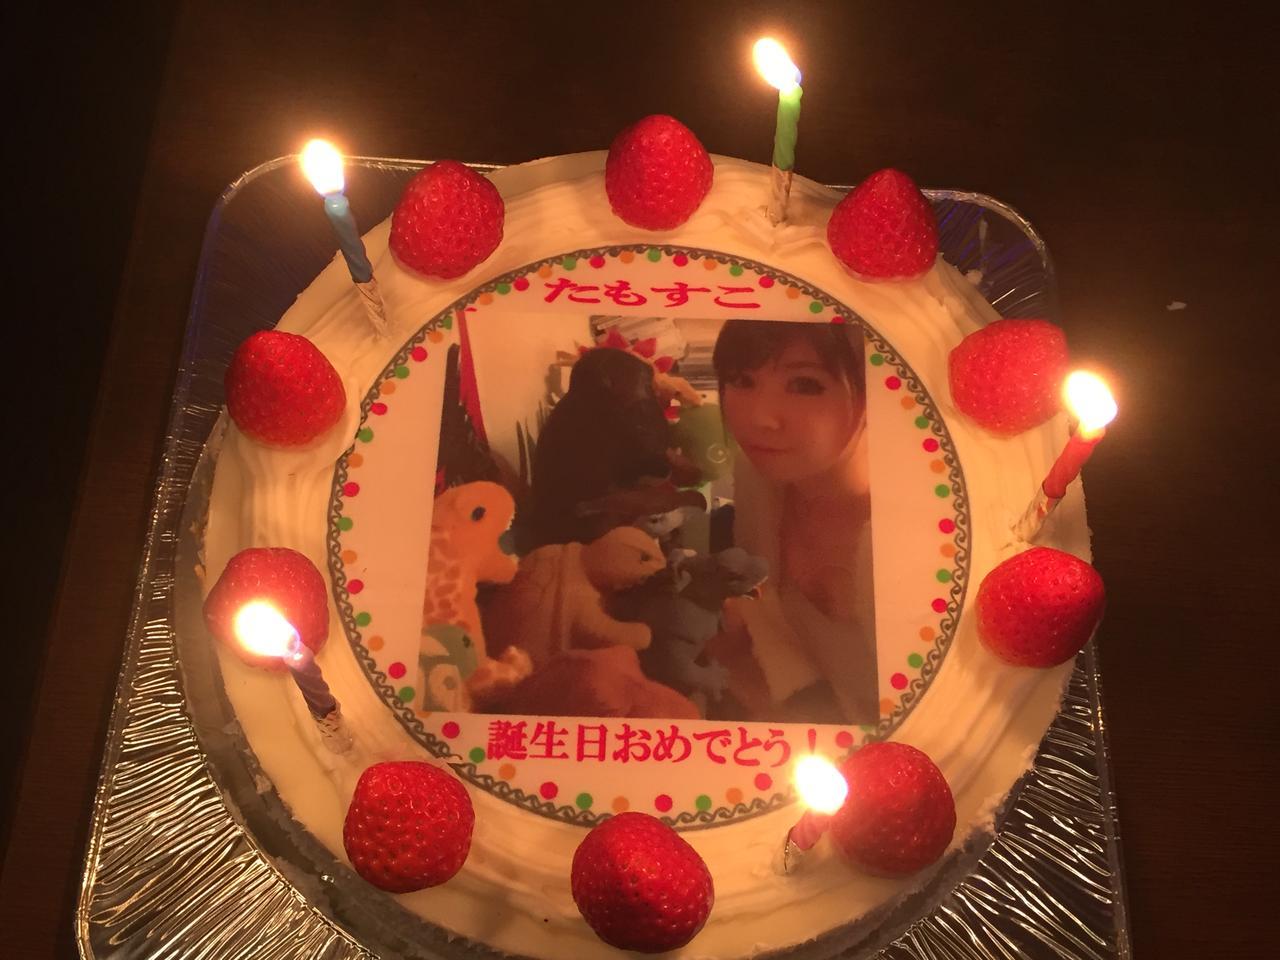 画像: 3/27は生田晴香の誕生日なので写真ケーキで祝ってもらいました、たもすここと生田晴香でした。